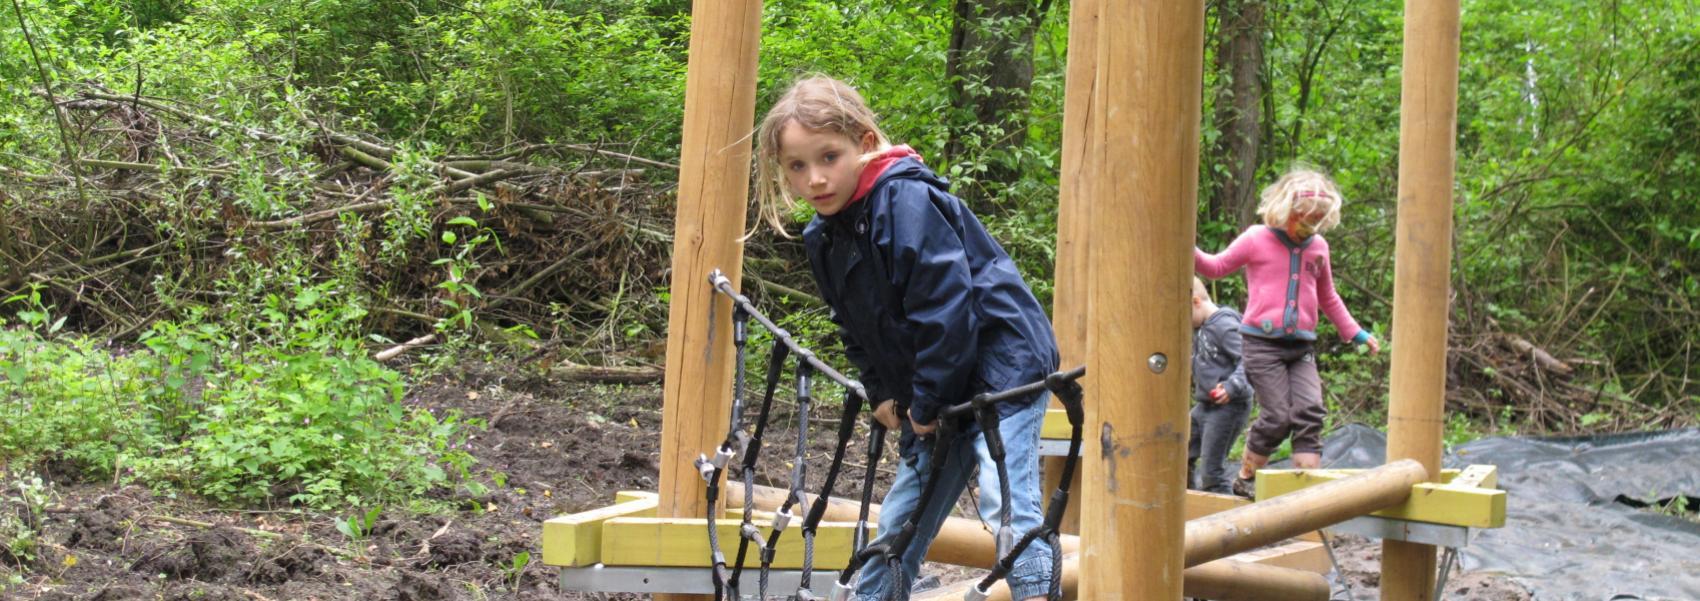 kinderen op speelparcours